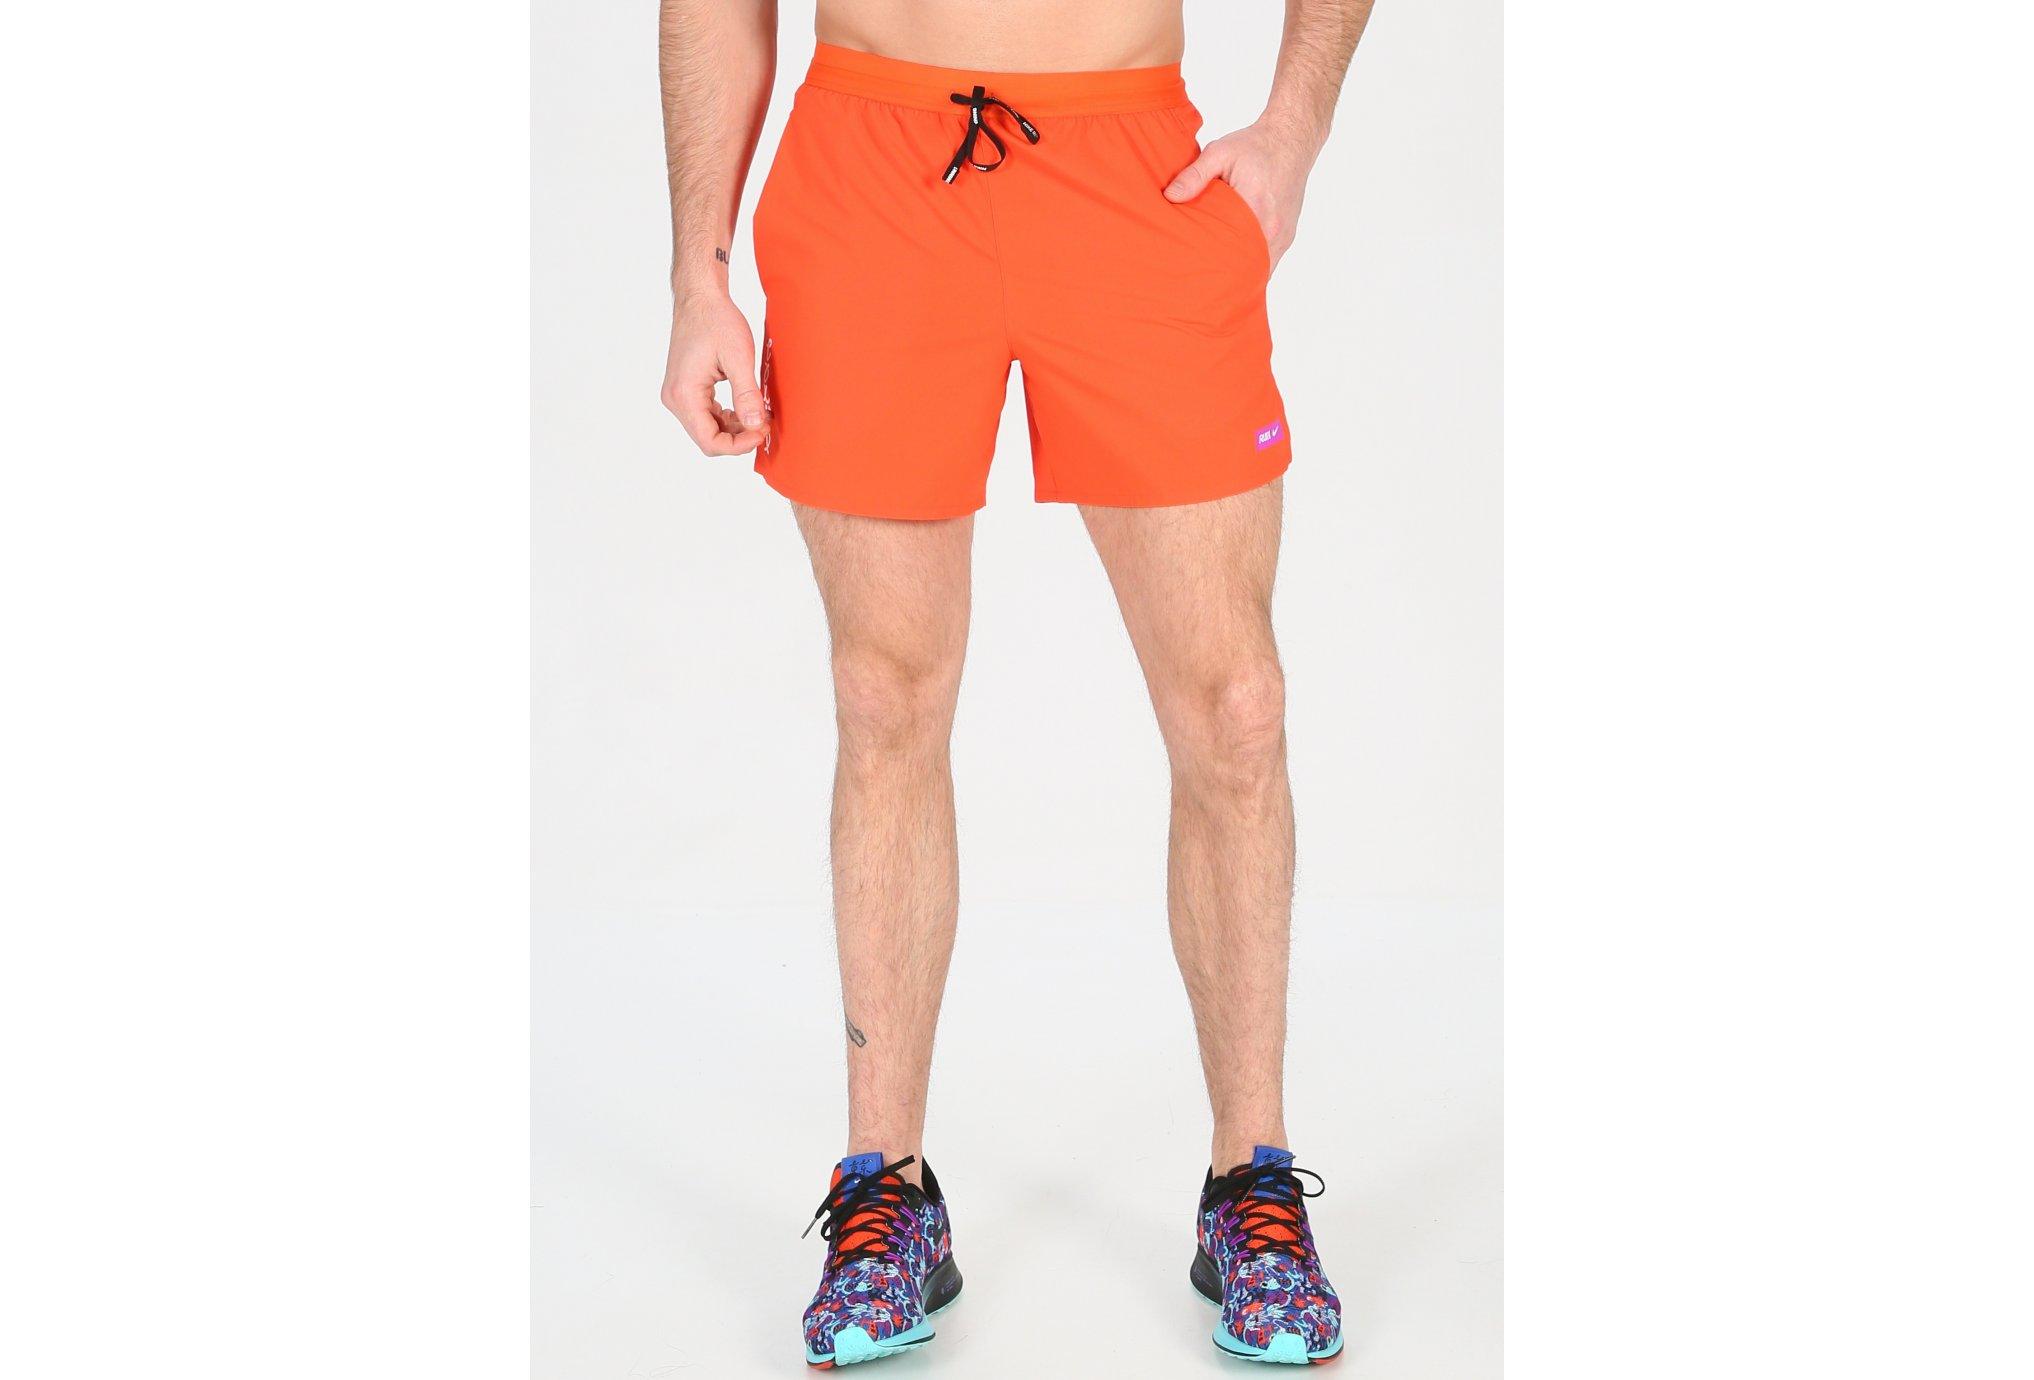 Nike Flex Stride Tokyo M vêtement running homme